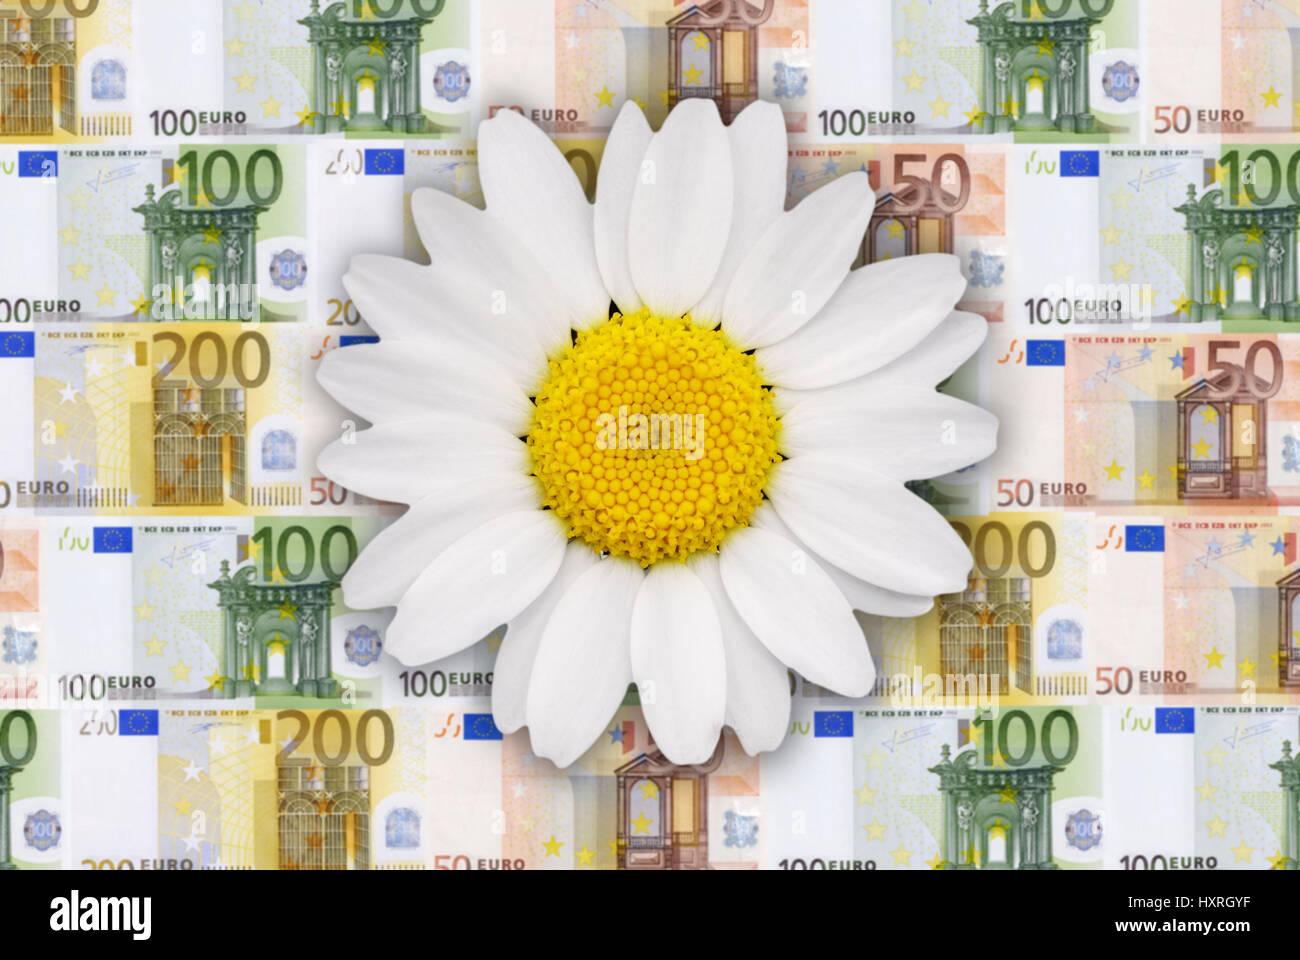 Flower before bank notes, ecology and economy, lastingness, Blume vor Geldscheinen, Ökologie und Ökonomie, - Stock Image